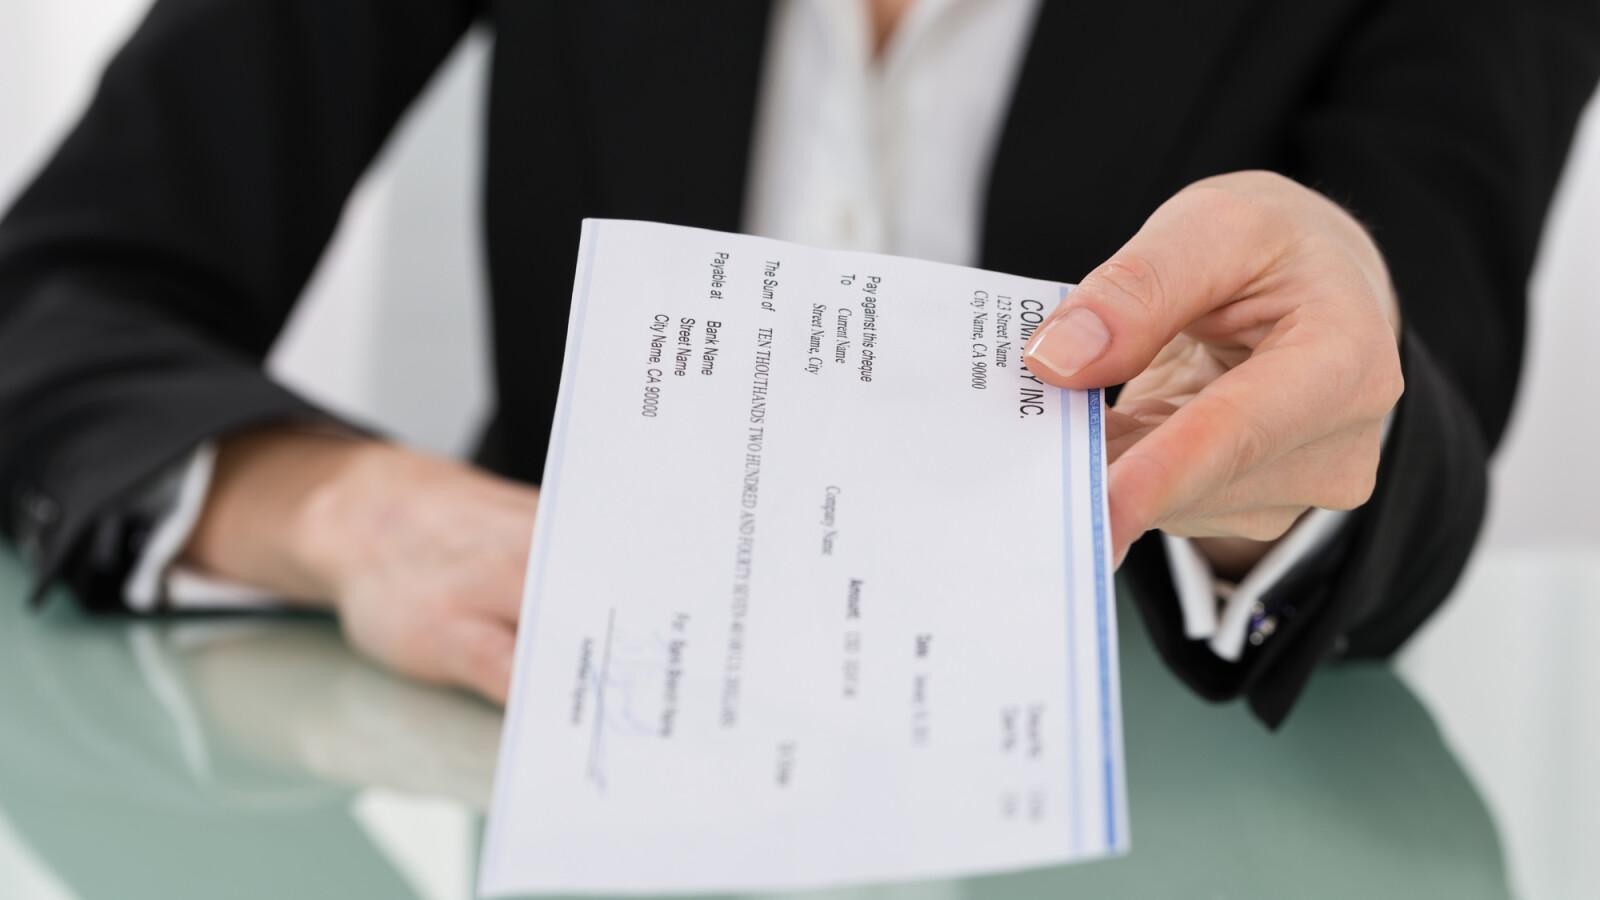 eBay Kleinanzeigen: Vorsicht vor Scheckbetrug - NETZWELT